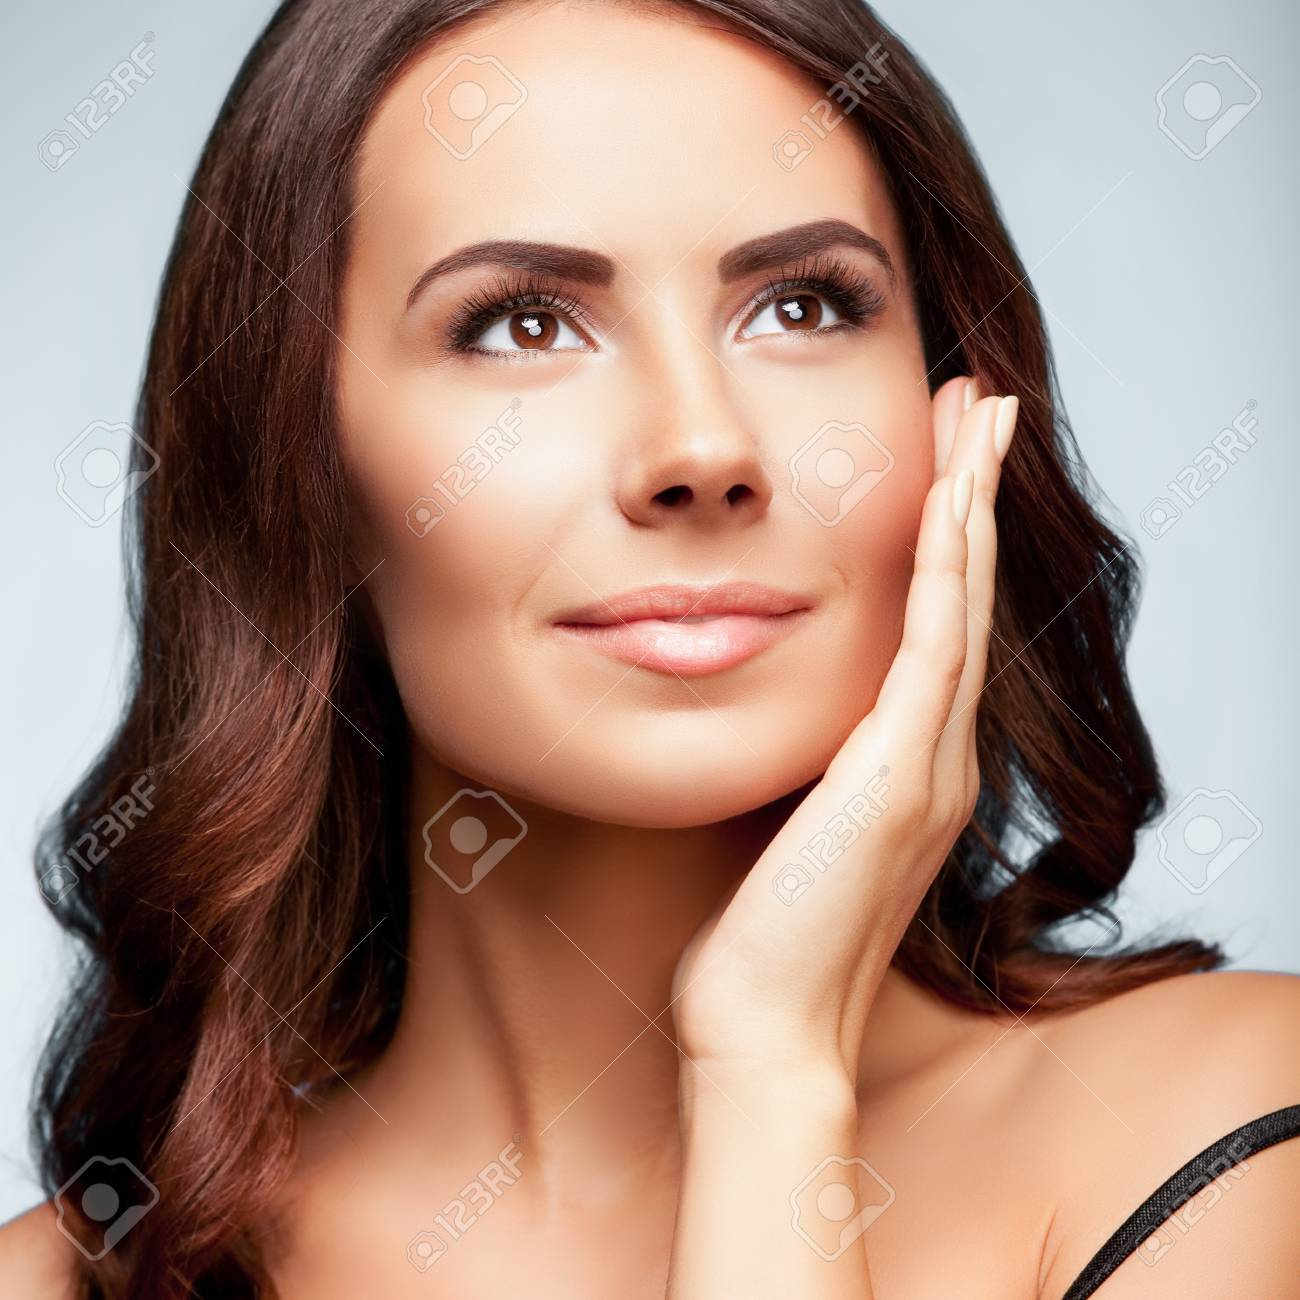 8818d458955c Archivio Fotografico - Ritratto di bella giovane donna che osserva in su